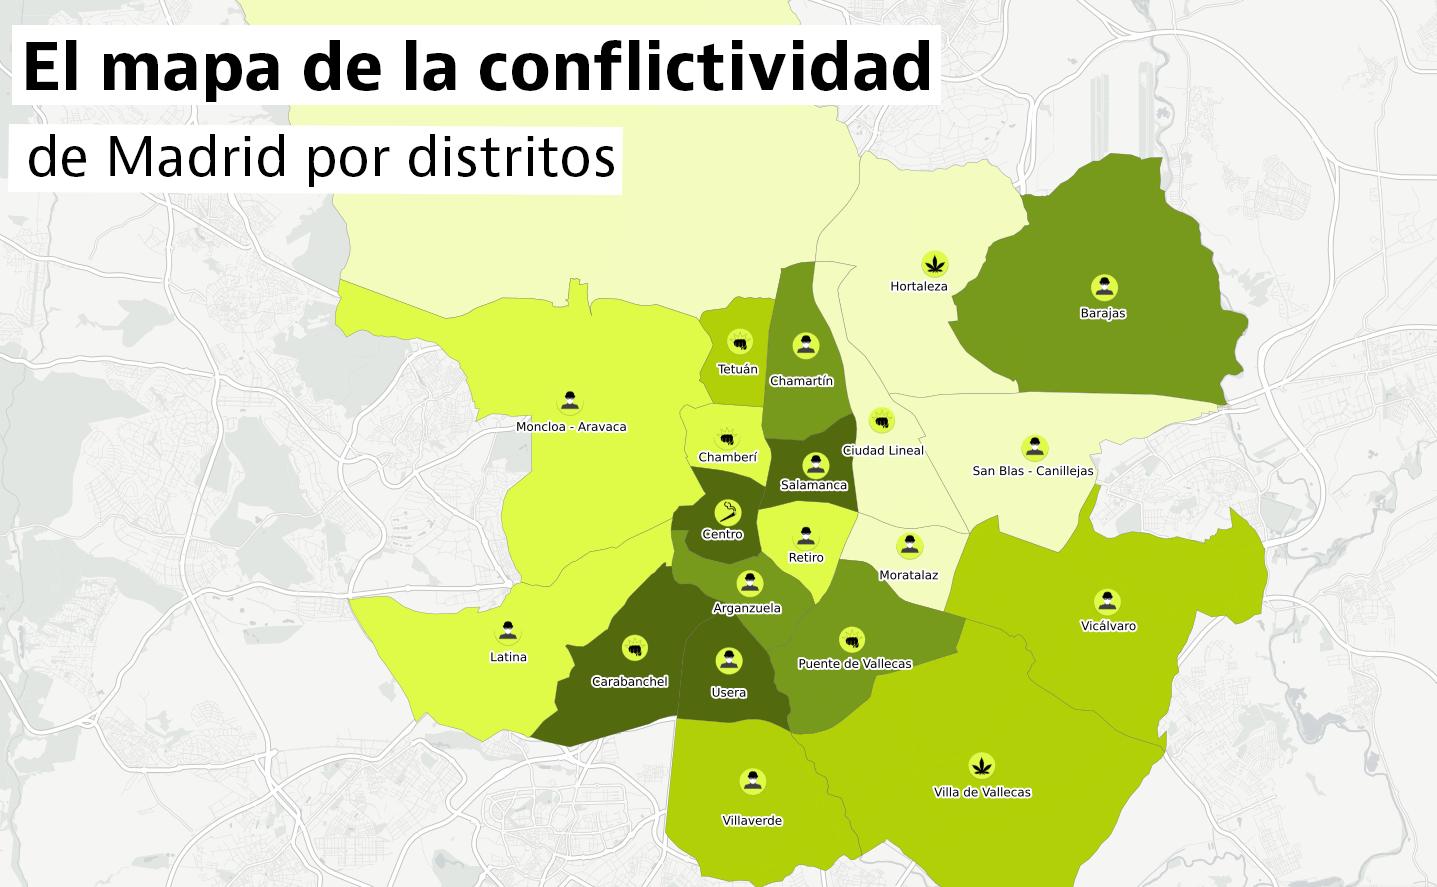 Si vas a comprarte casa en Madrid, conoce qué barrios son más tranquilos o conflictivos